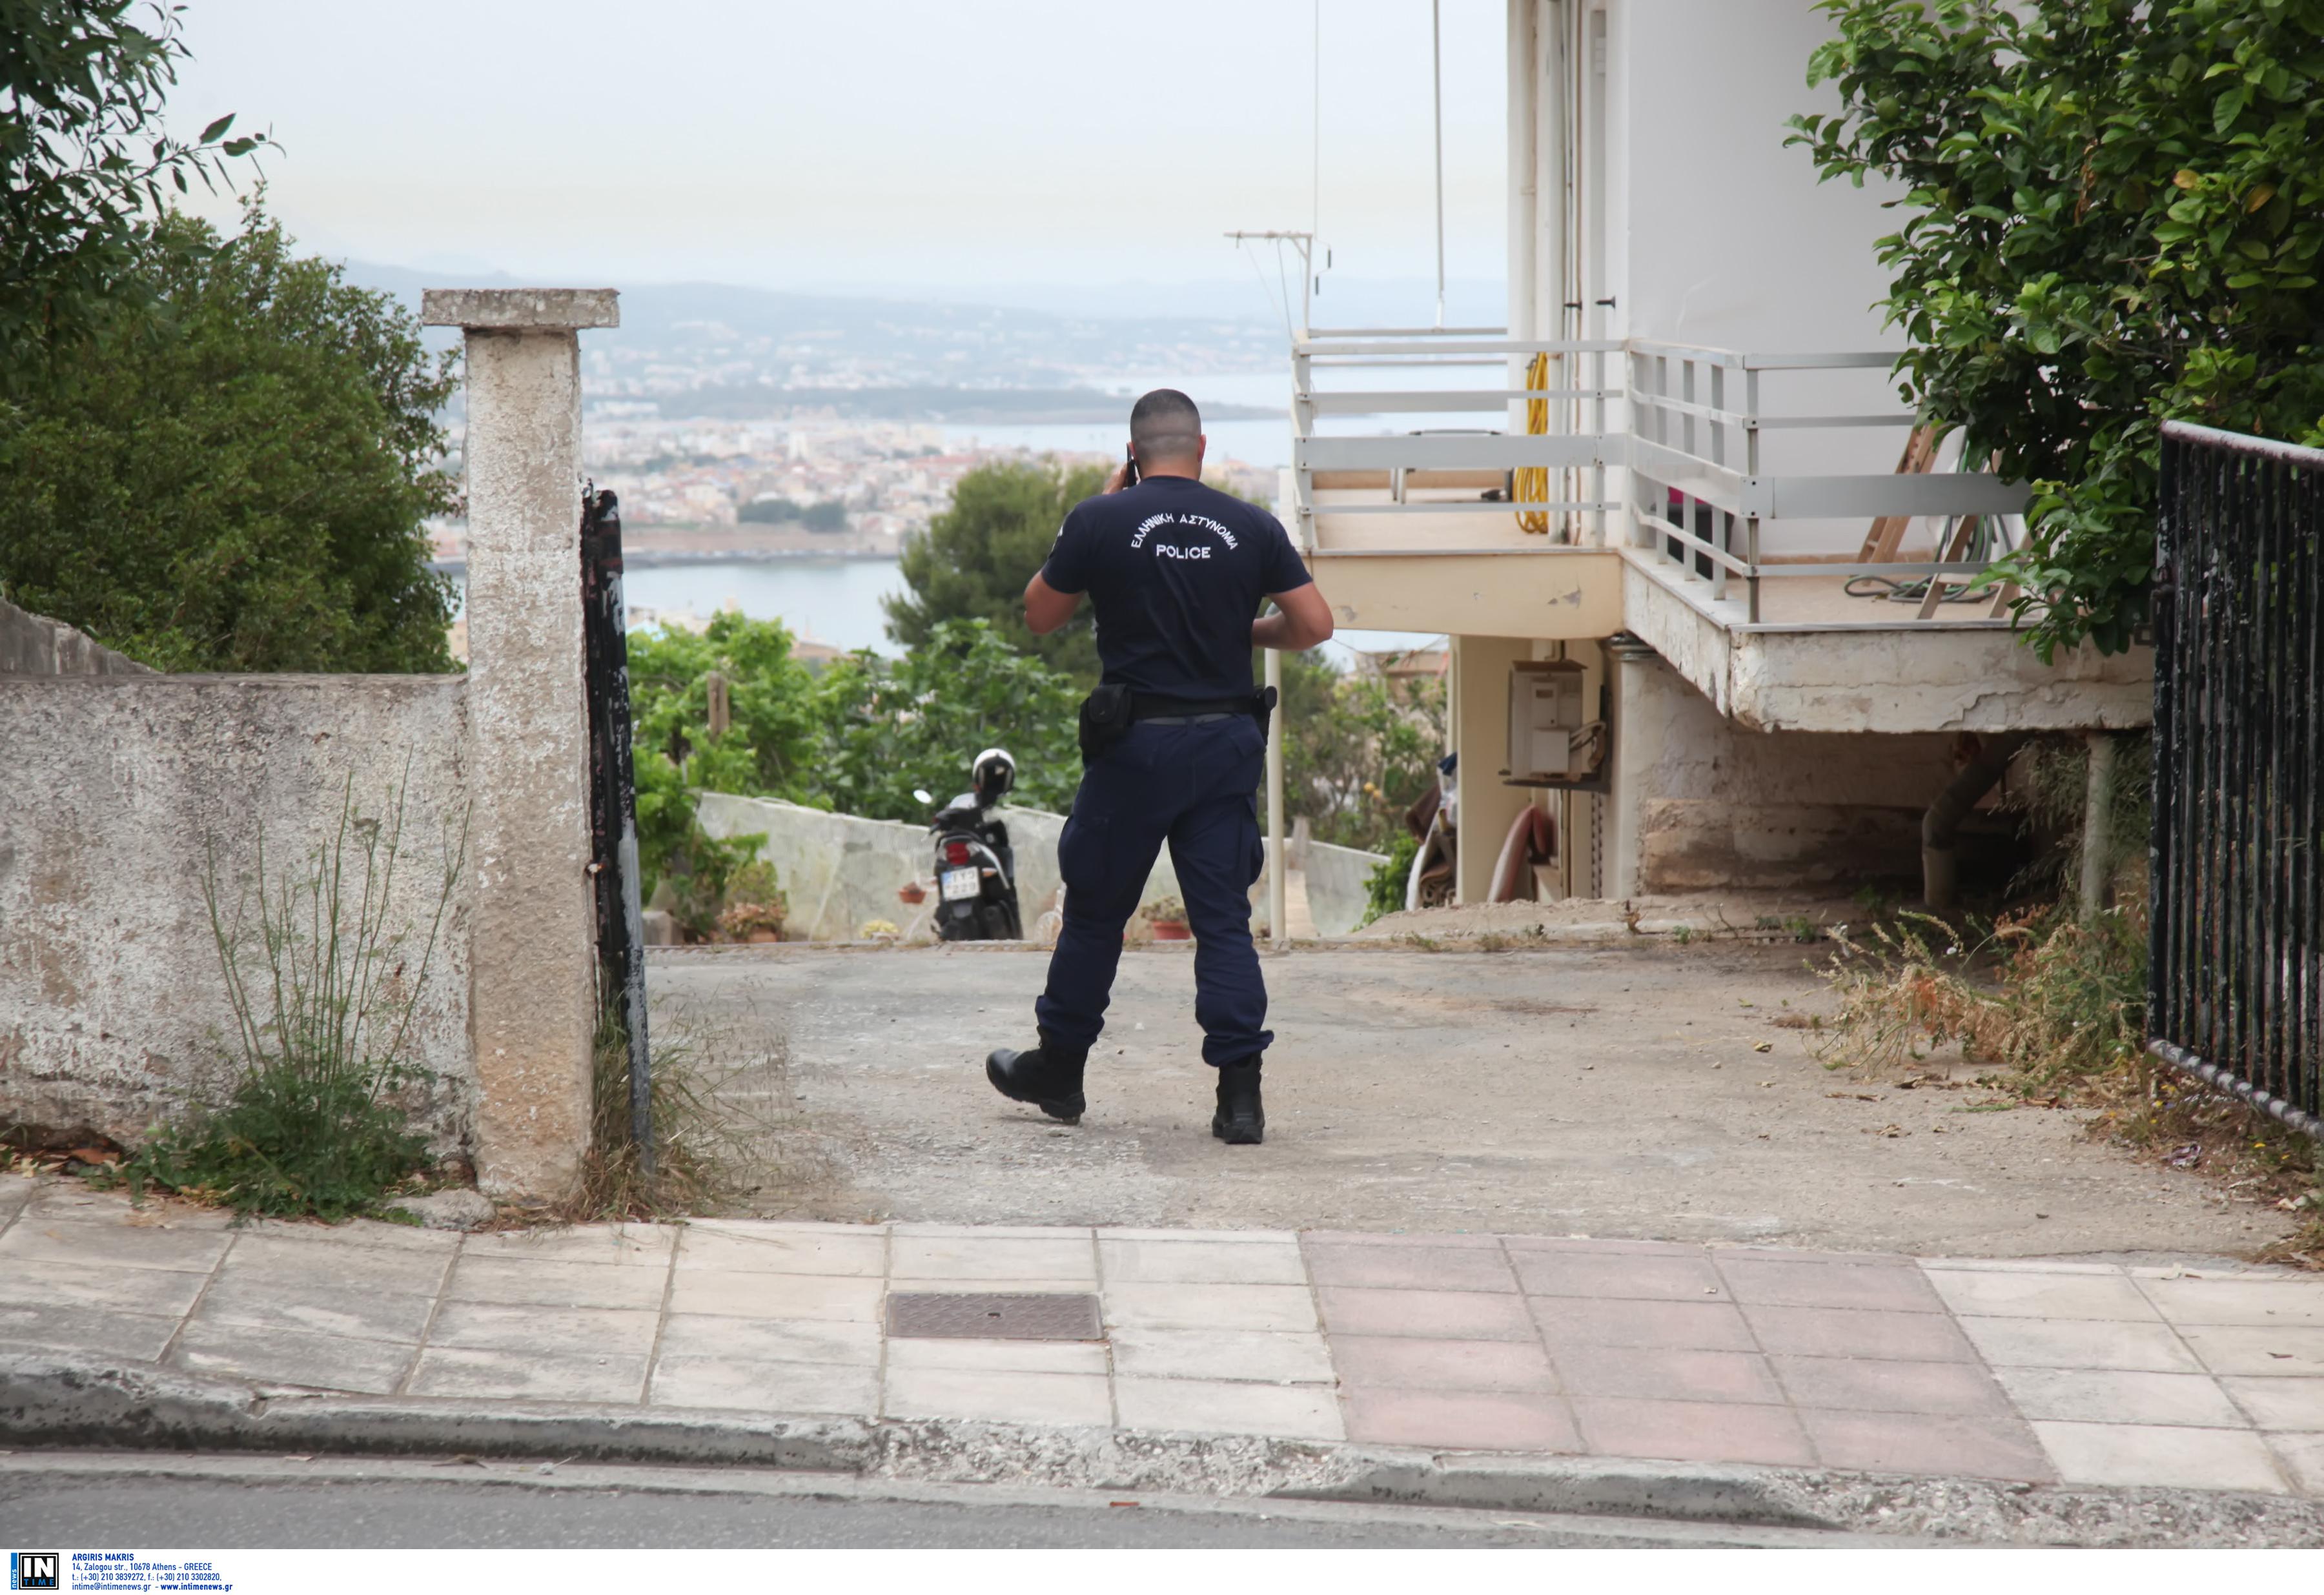 «Γκάζια» Χρυσοχοΐδη στους στρατηγούς της ΕΛ.ΑΣ. για την εγκληματικότητα!